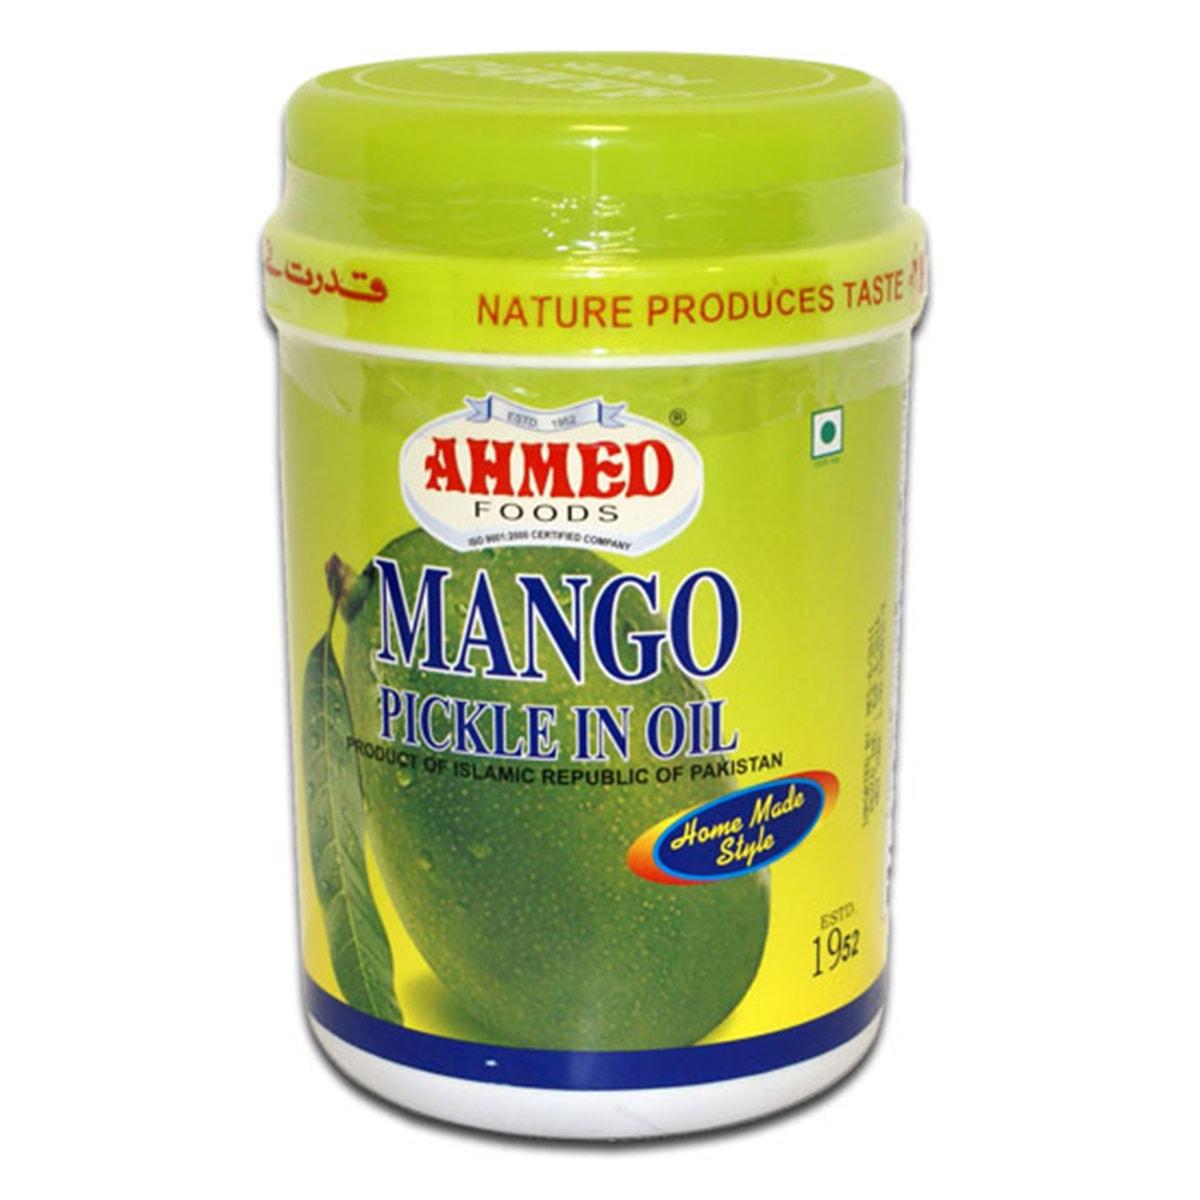 Buy Ahmed Foods Mango Pickle in Oil - 1 kg